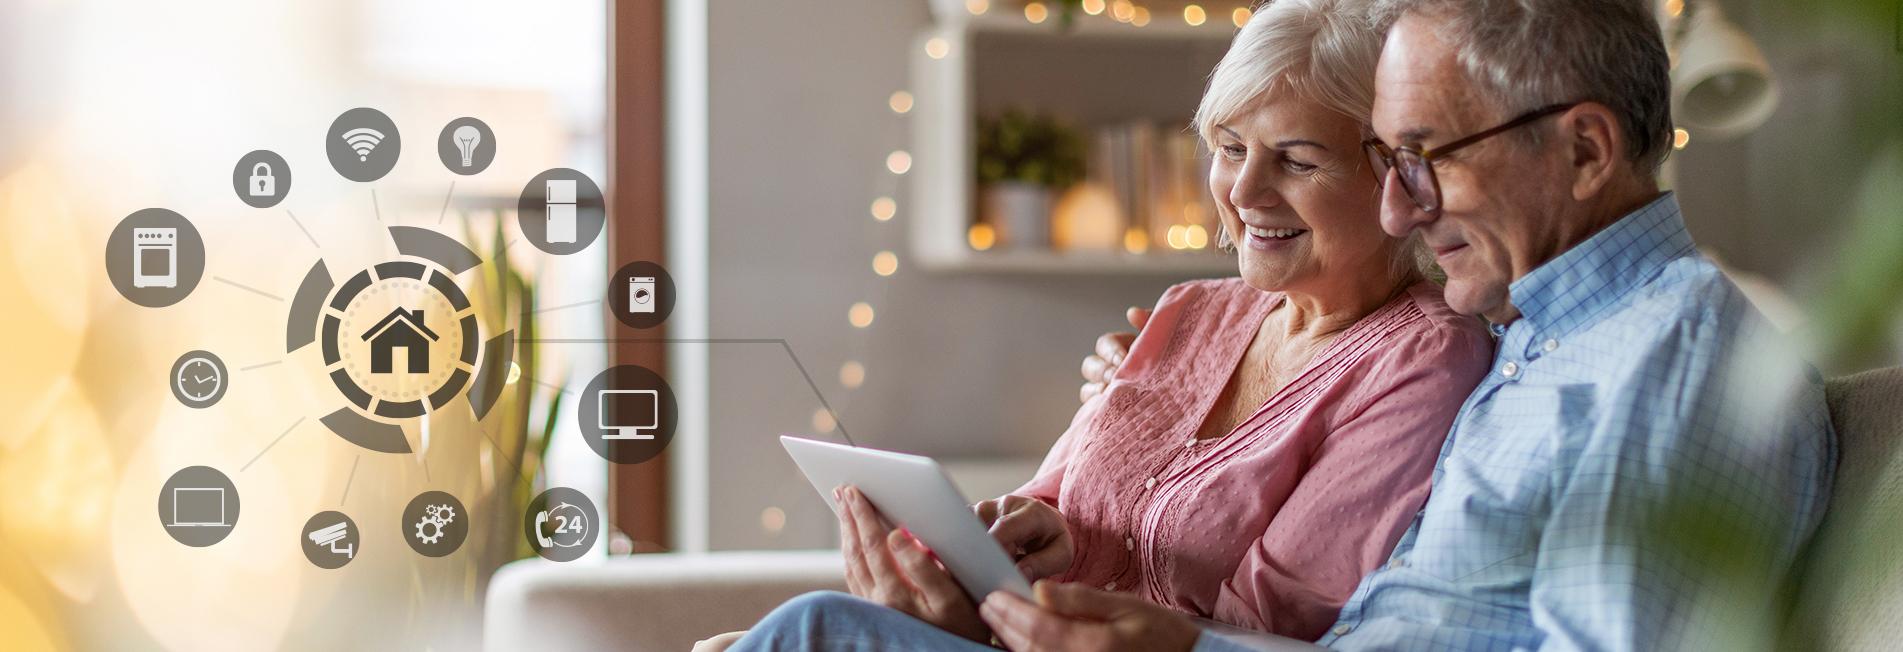 Arquetica - SERVICIOS Diseño e implementación de la domótica en el hogar